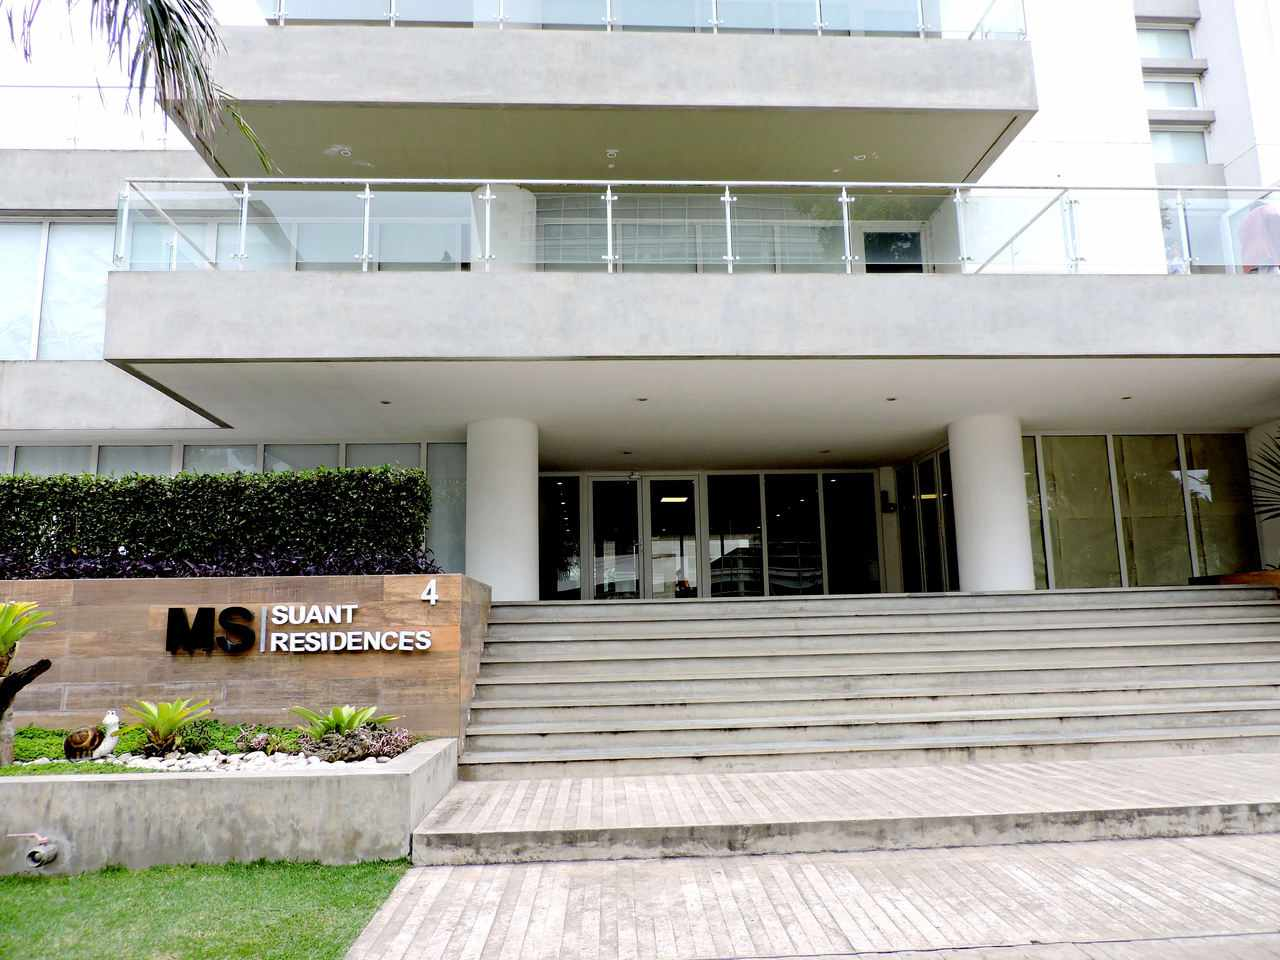 Departamento en Venta DEPARTAMENTO DE LUJO TOTALMENTE AMOBLADO Y EQUIPADO EN COND MS SUANT RESIDENCE  Foto 2